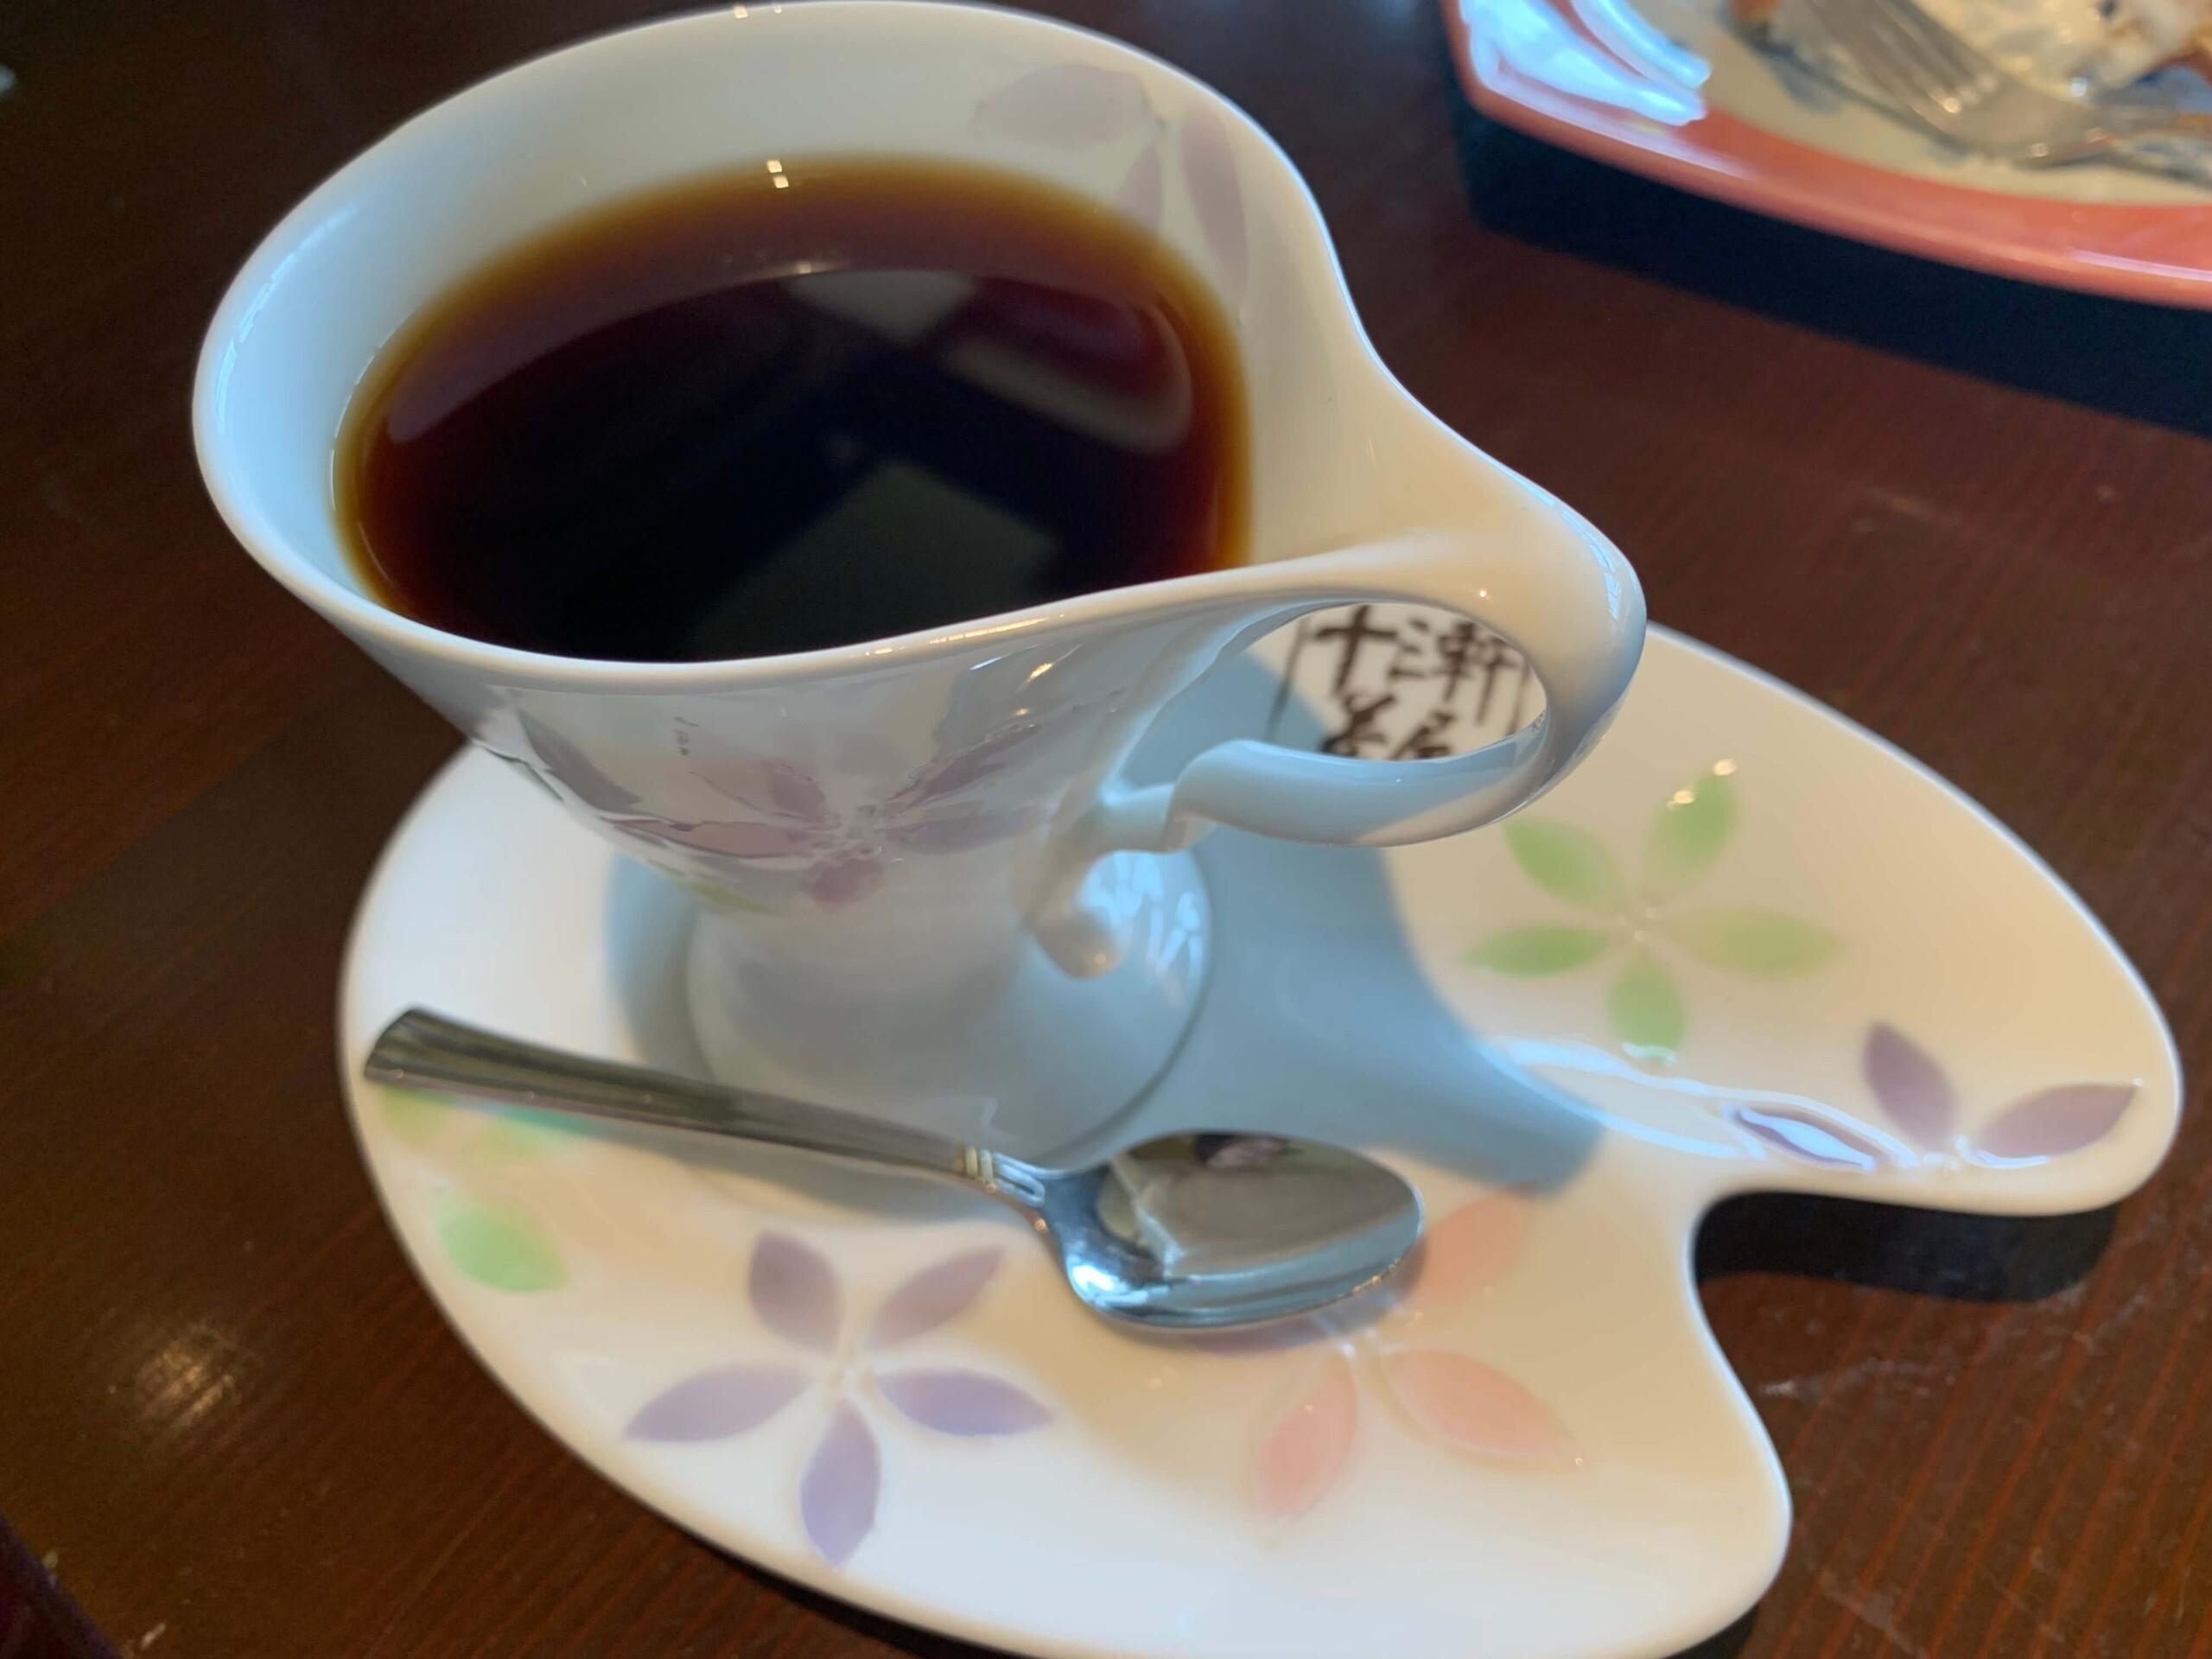 福山神辺町十三軒茶屋コーヒー